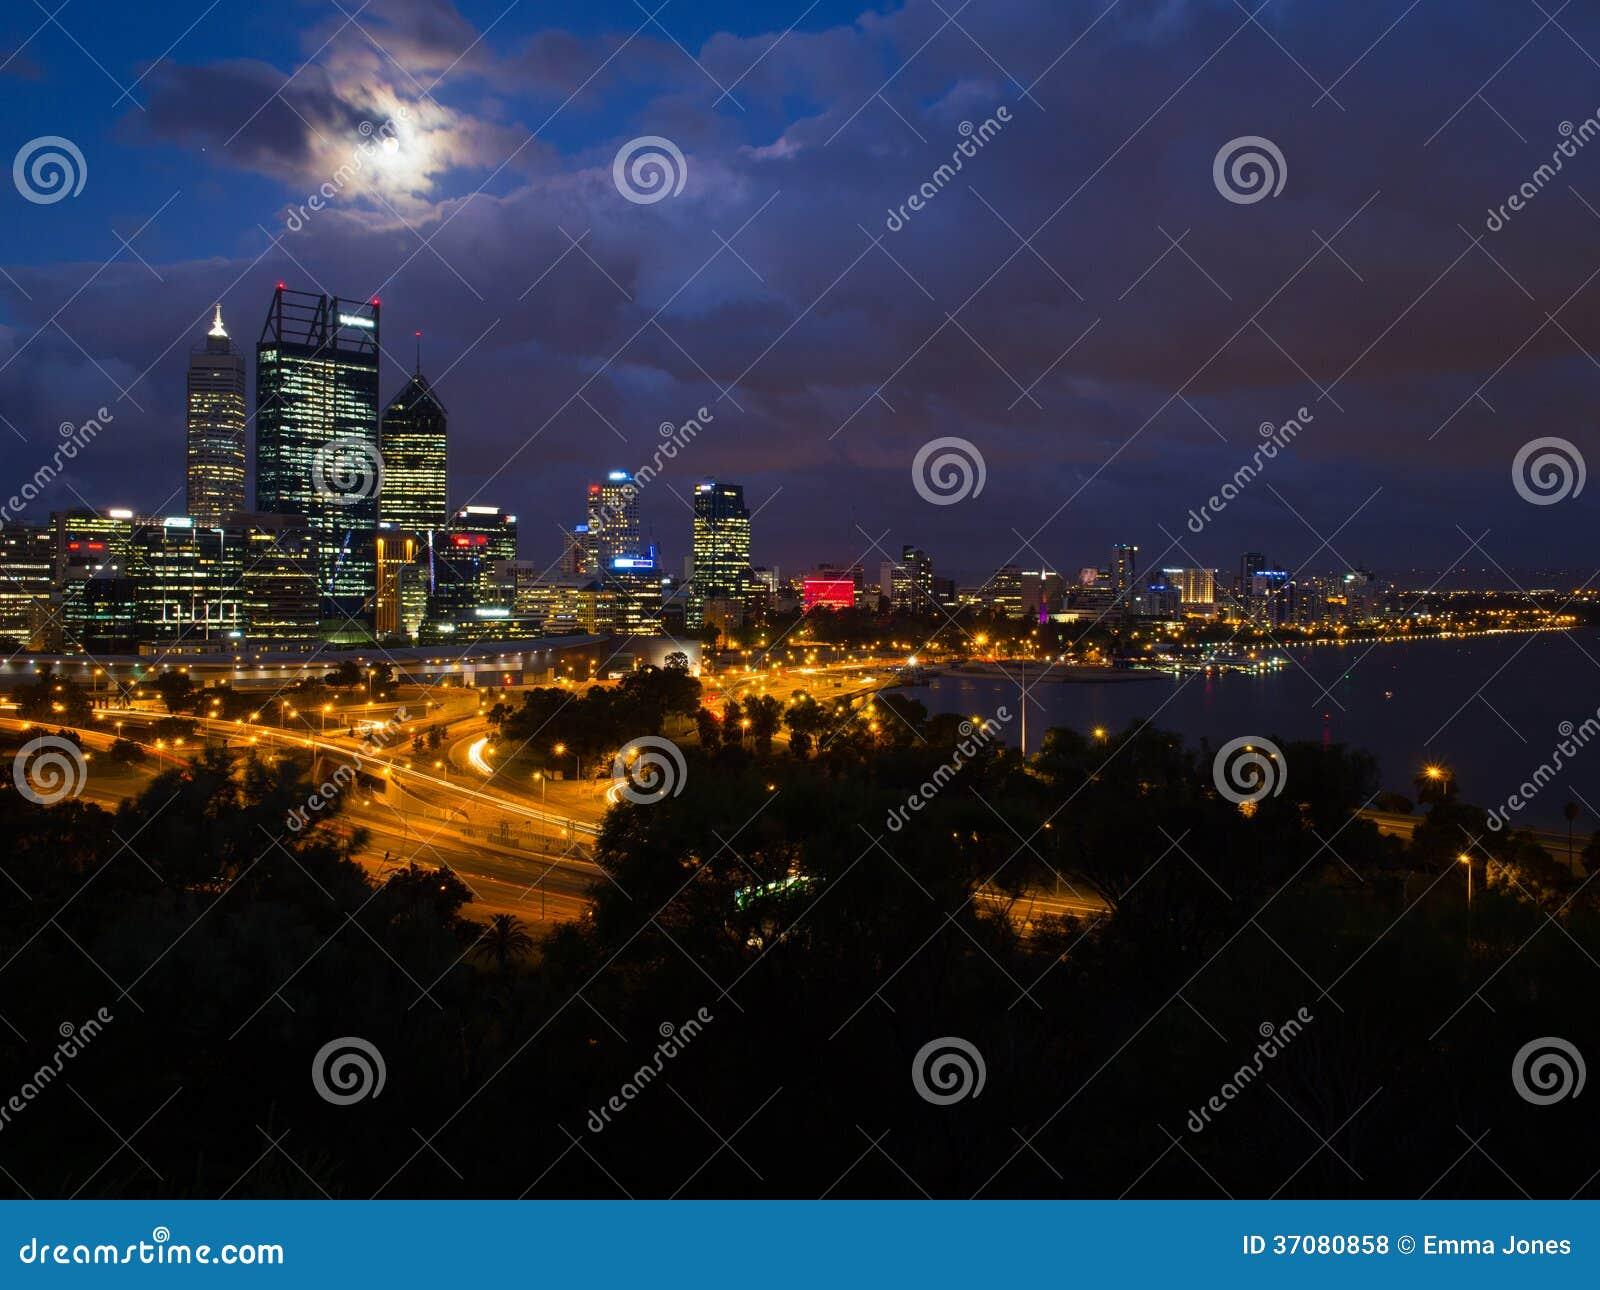 Add date online in Perth